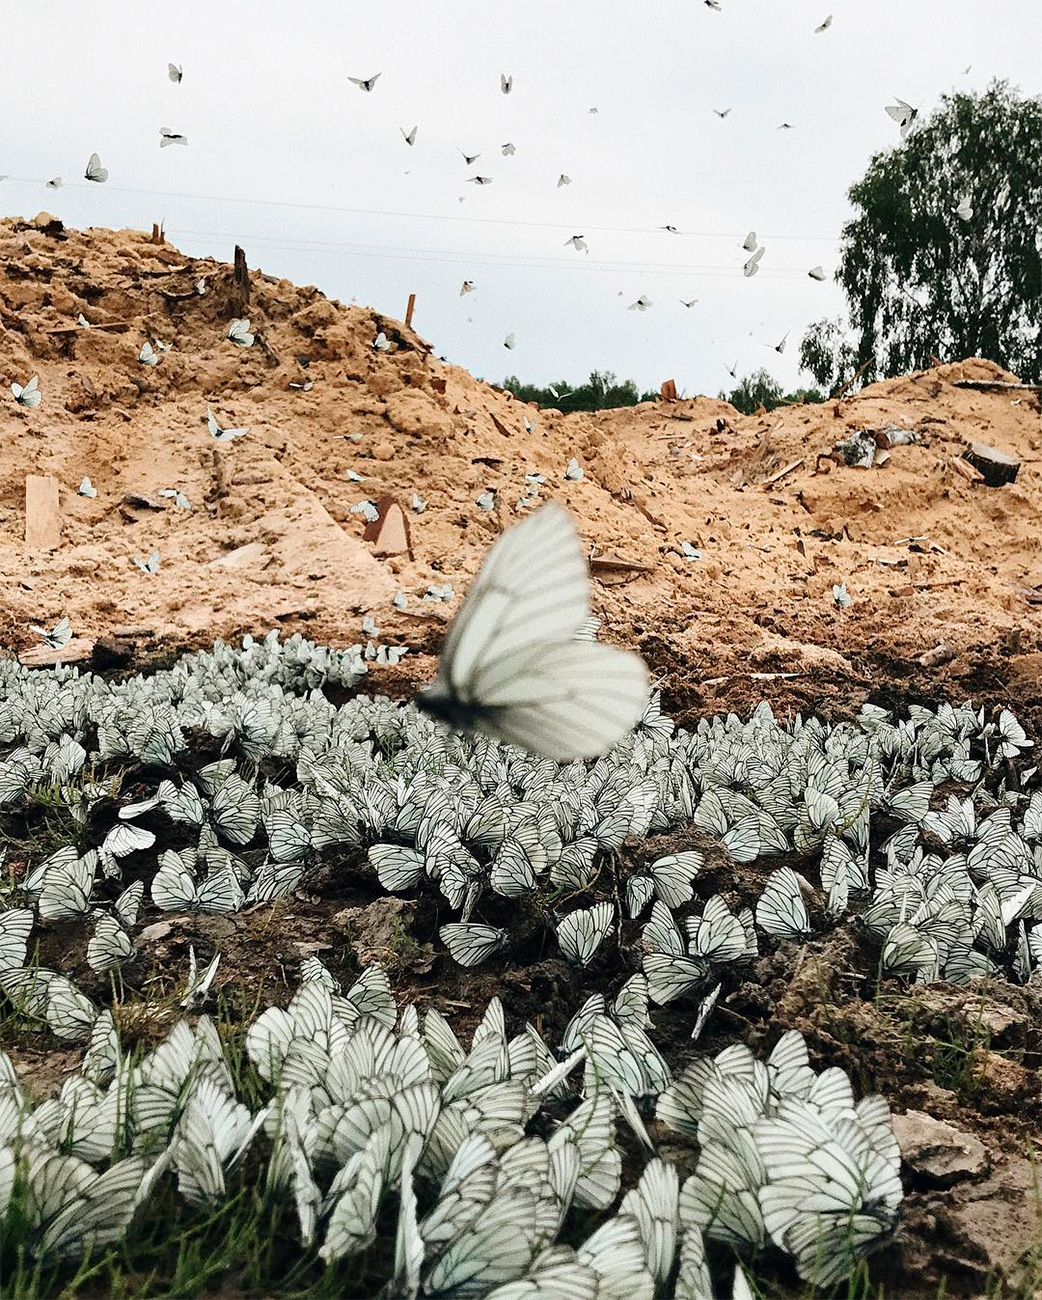 ロシア科学アカデミーのレフ・ヴァルタペトフ氏は、寒い春が6月初めに蝶のライフサイクルを短い、「集中型」にしたと考える。水たまりや小川に数千匹が集まるという。